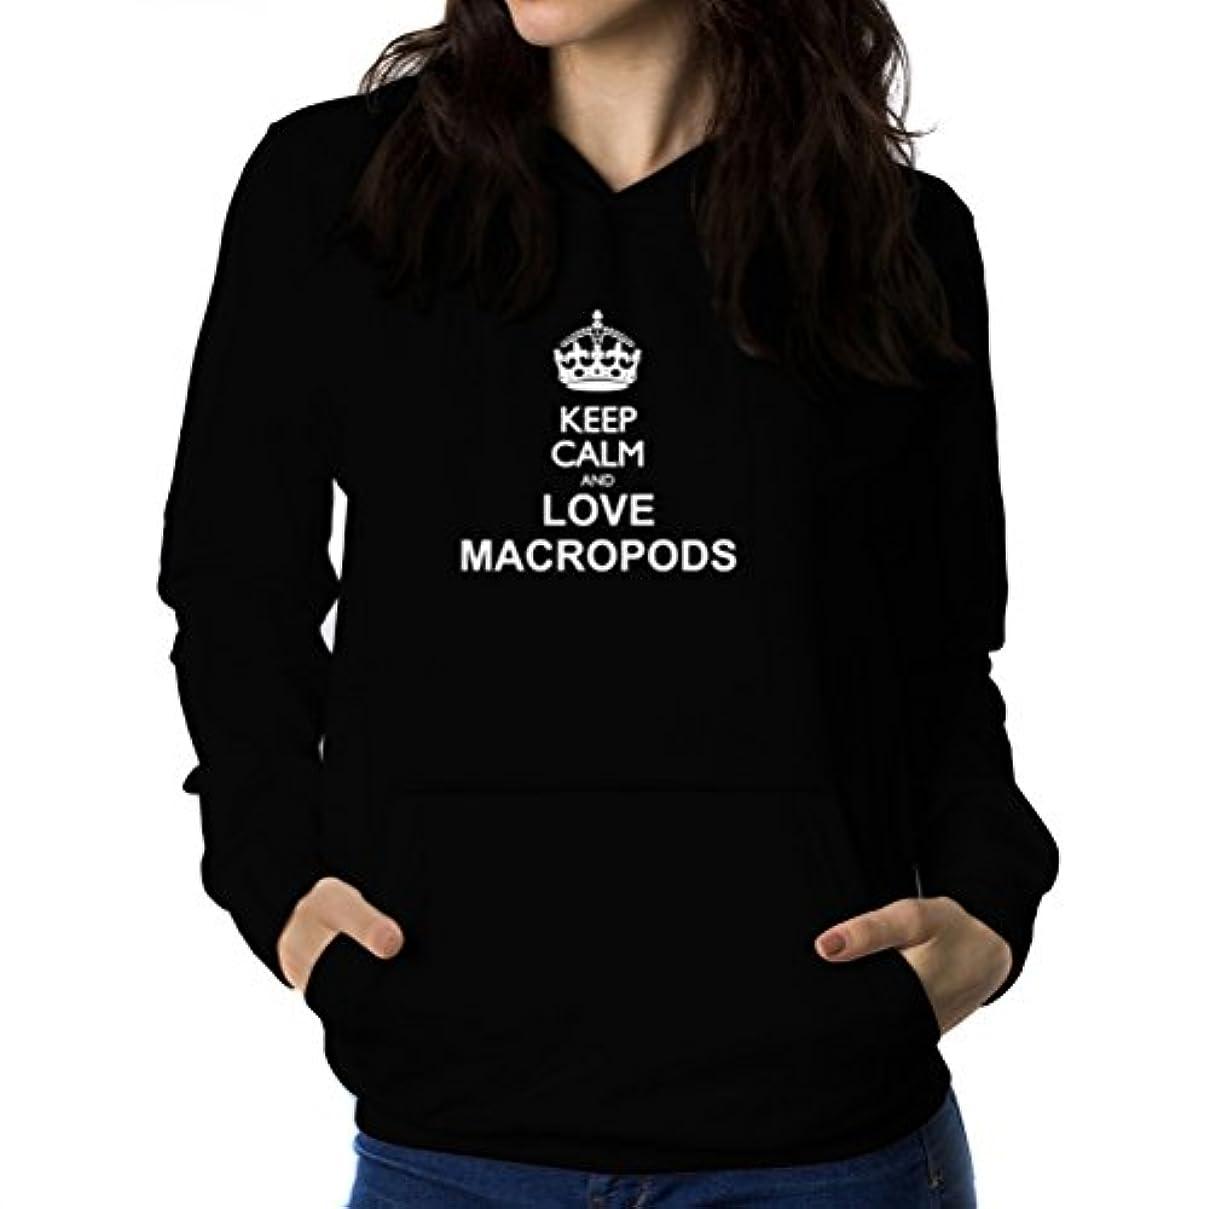 年追加従来のKeep calm and love Macropod 女性 フーディー